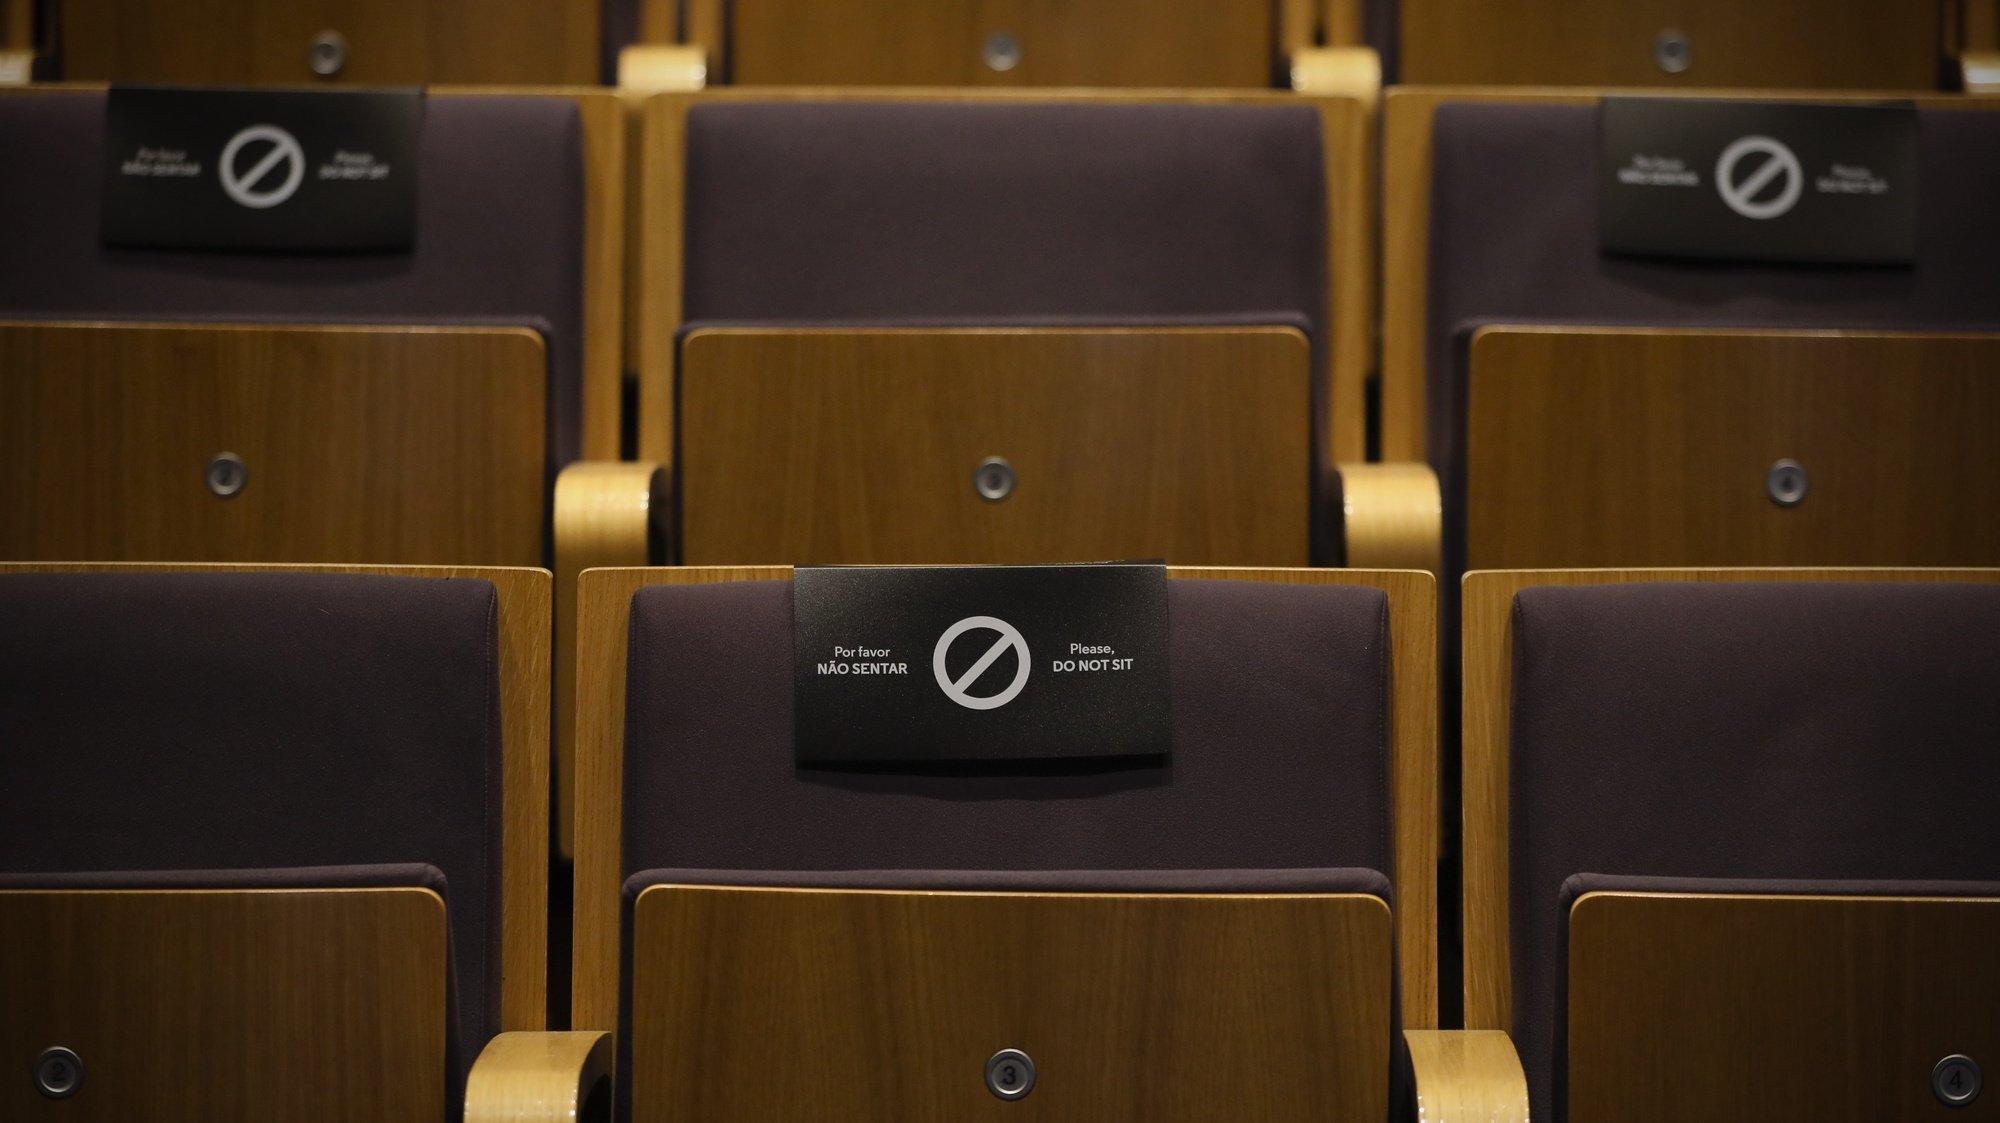 Uma placa numa cadeira alerta para o distanciamento social numa sala de espetáculos  do Teatro Municipal Rivoli, Porto, 28 de julho de 2020. JOSÉ COELHO/LUSA